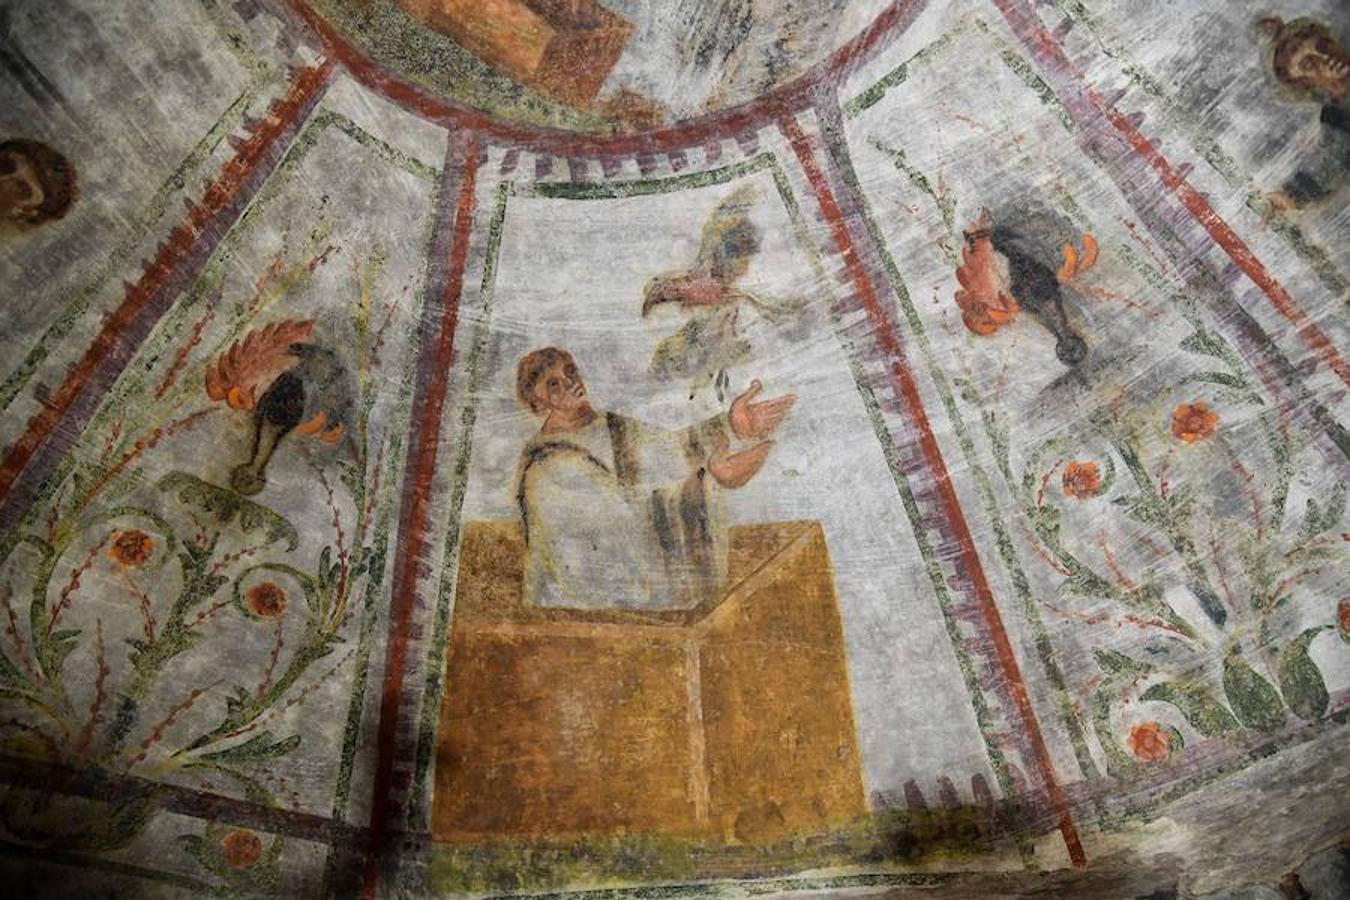 El láser devuelve el esplendor a los frescos de las Catacumbas de Domitila - #Roma 1